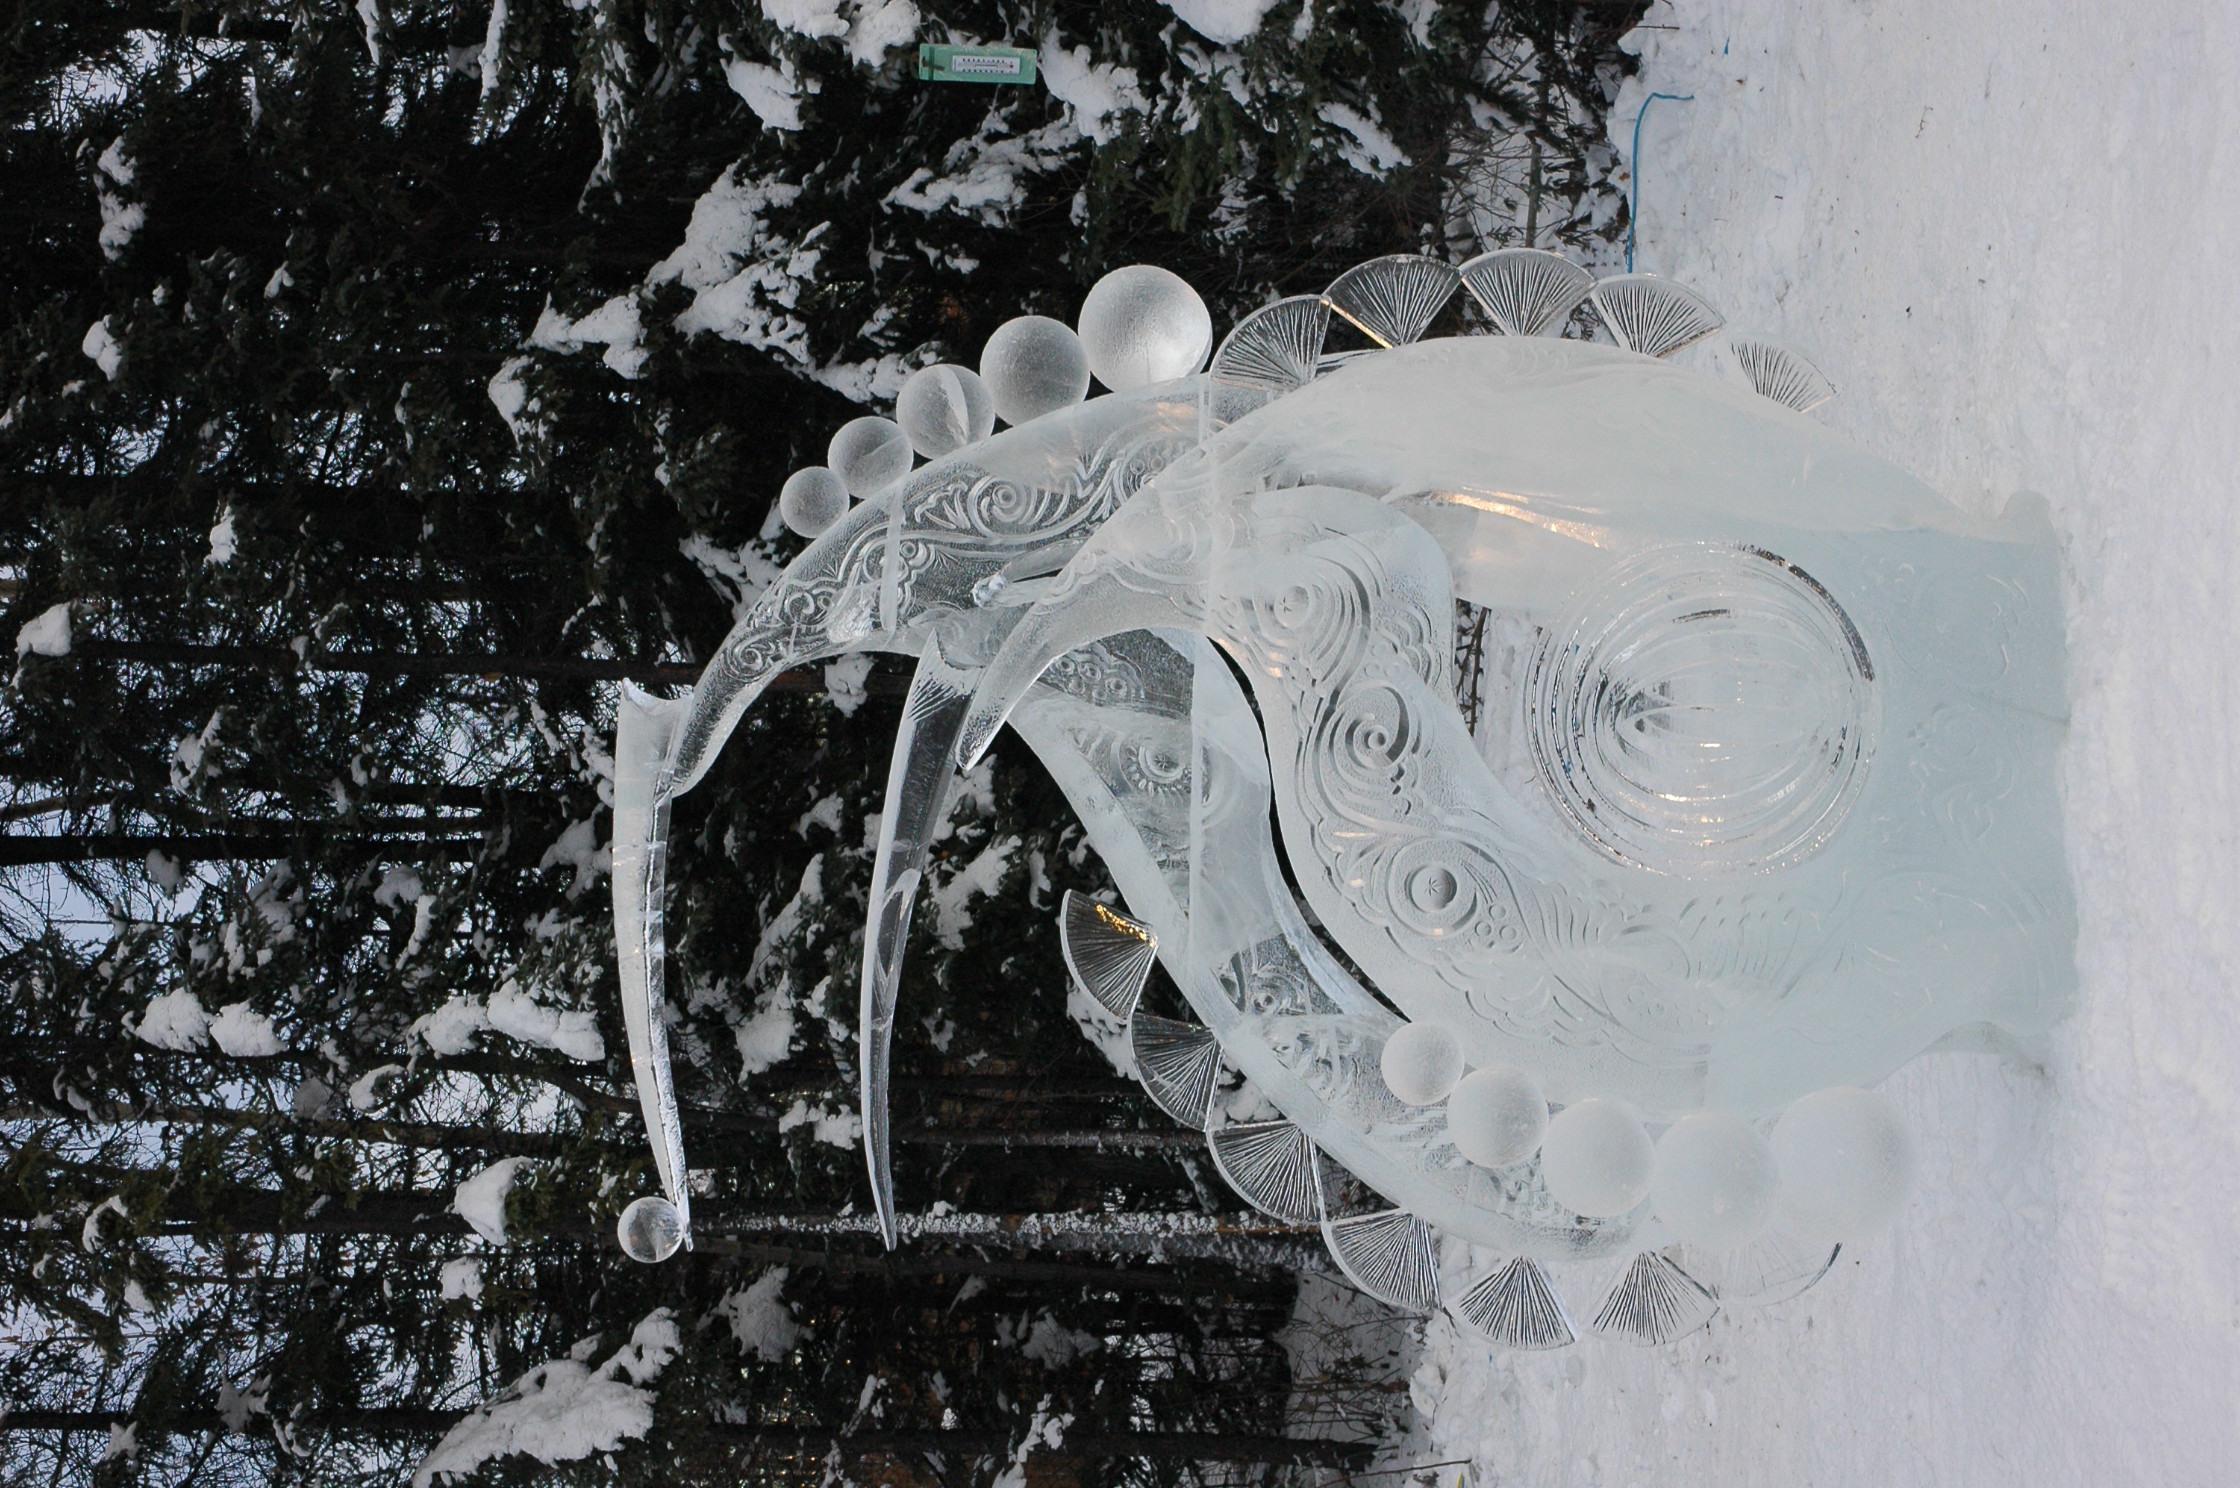 Rotation of IcePark